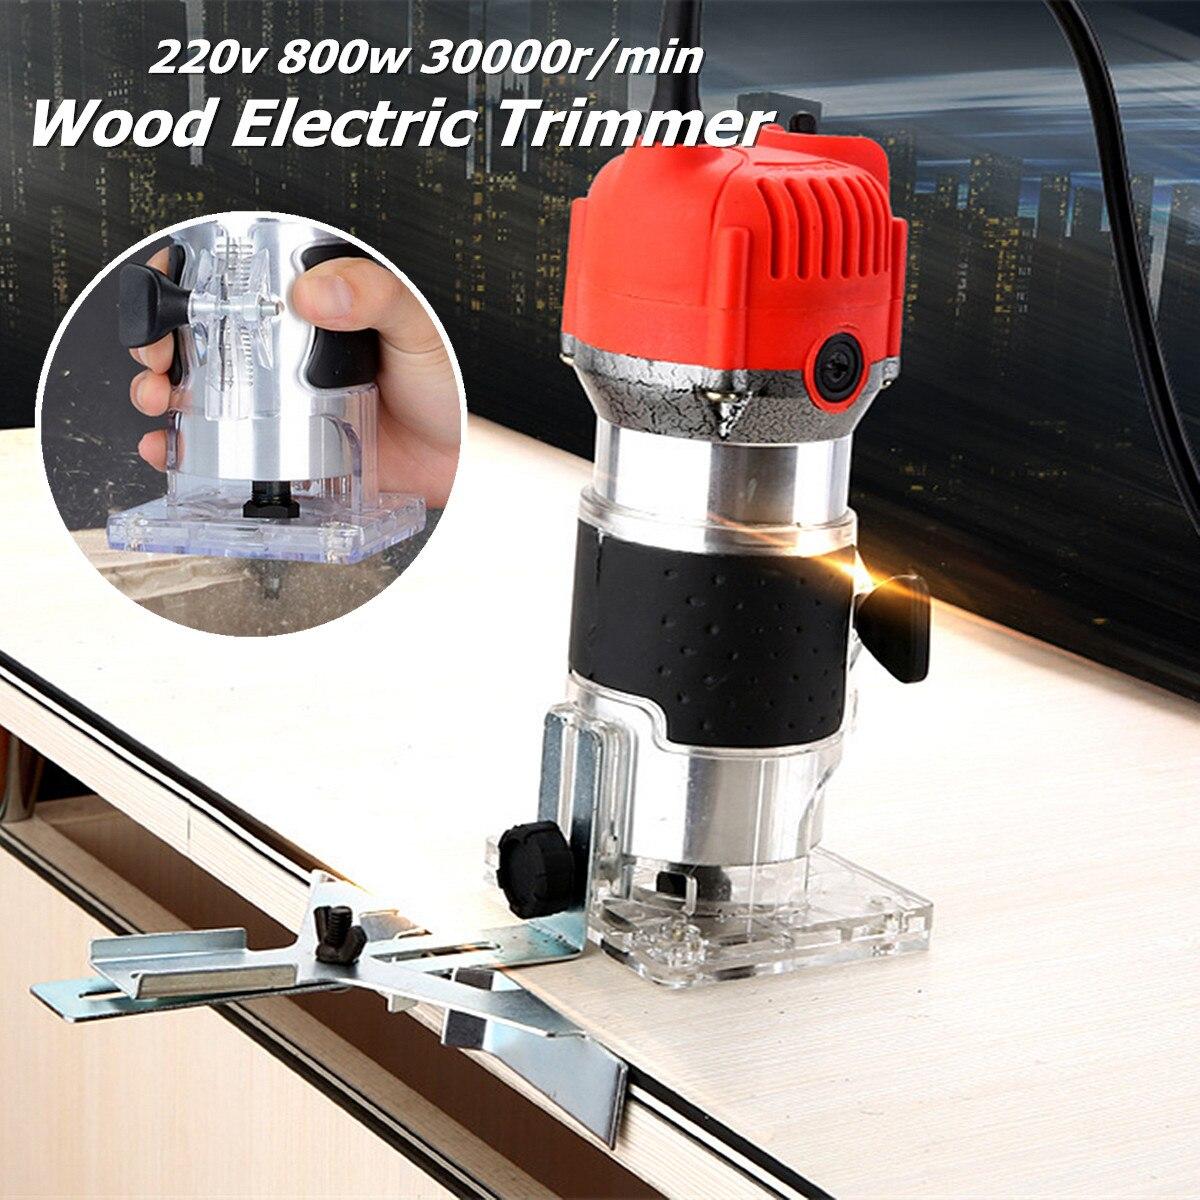 220 v 800 watt 30000r/min Collet 6,35mm AU Stecker Corded Elektrische Hand Trimmer Holz Laminator Router Pvc-h-streifen Schreiner werkzeuge Aluminium + Kunststoff